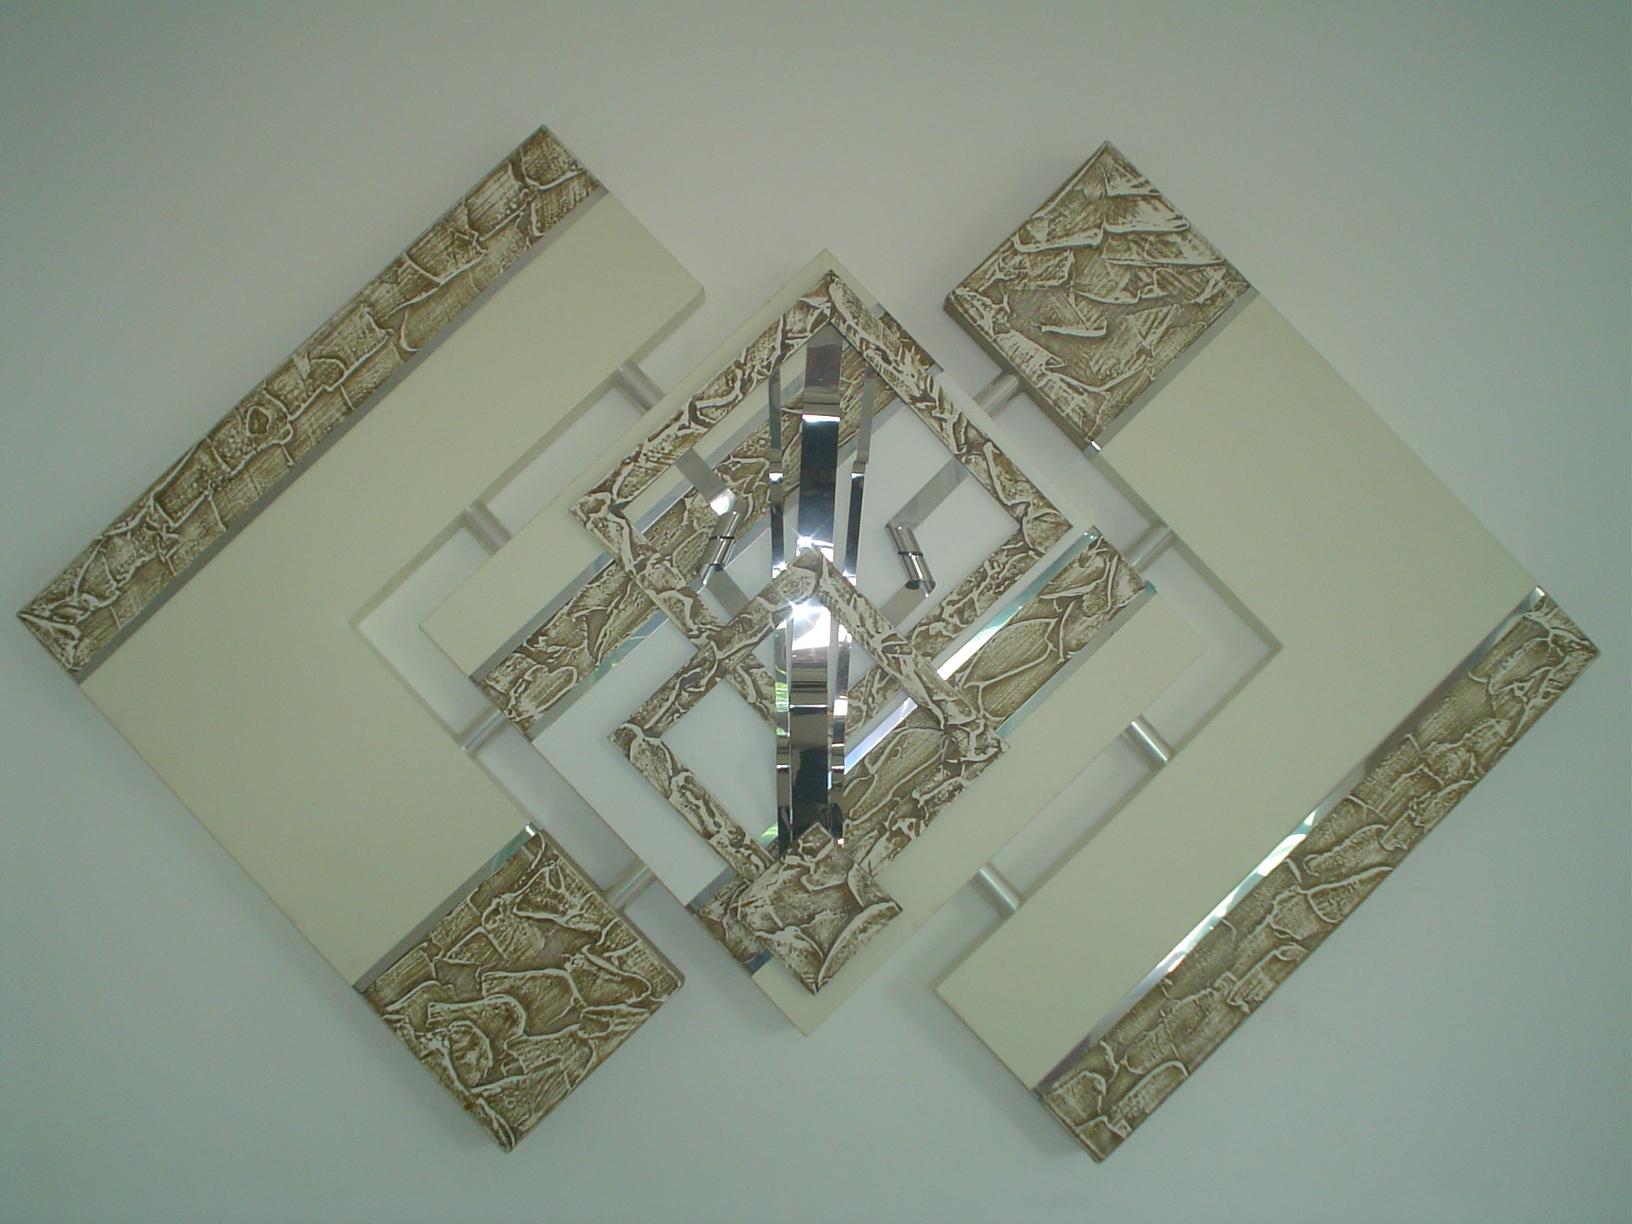 Quadro Decorativo Abstrato Tipo Seta No Elo7 Galeria Portinari  -> Quadro Abstrato Pra Sala Barato